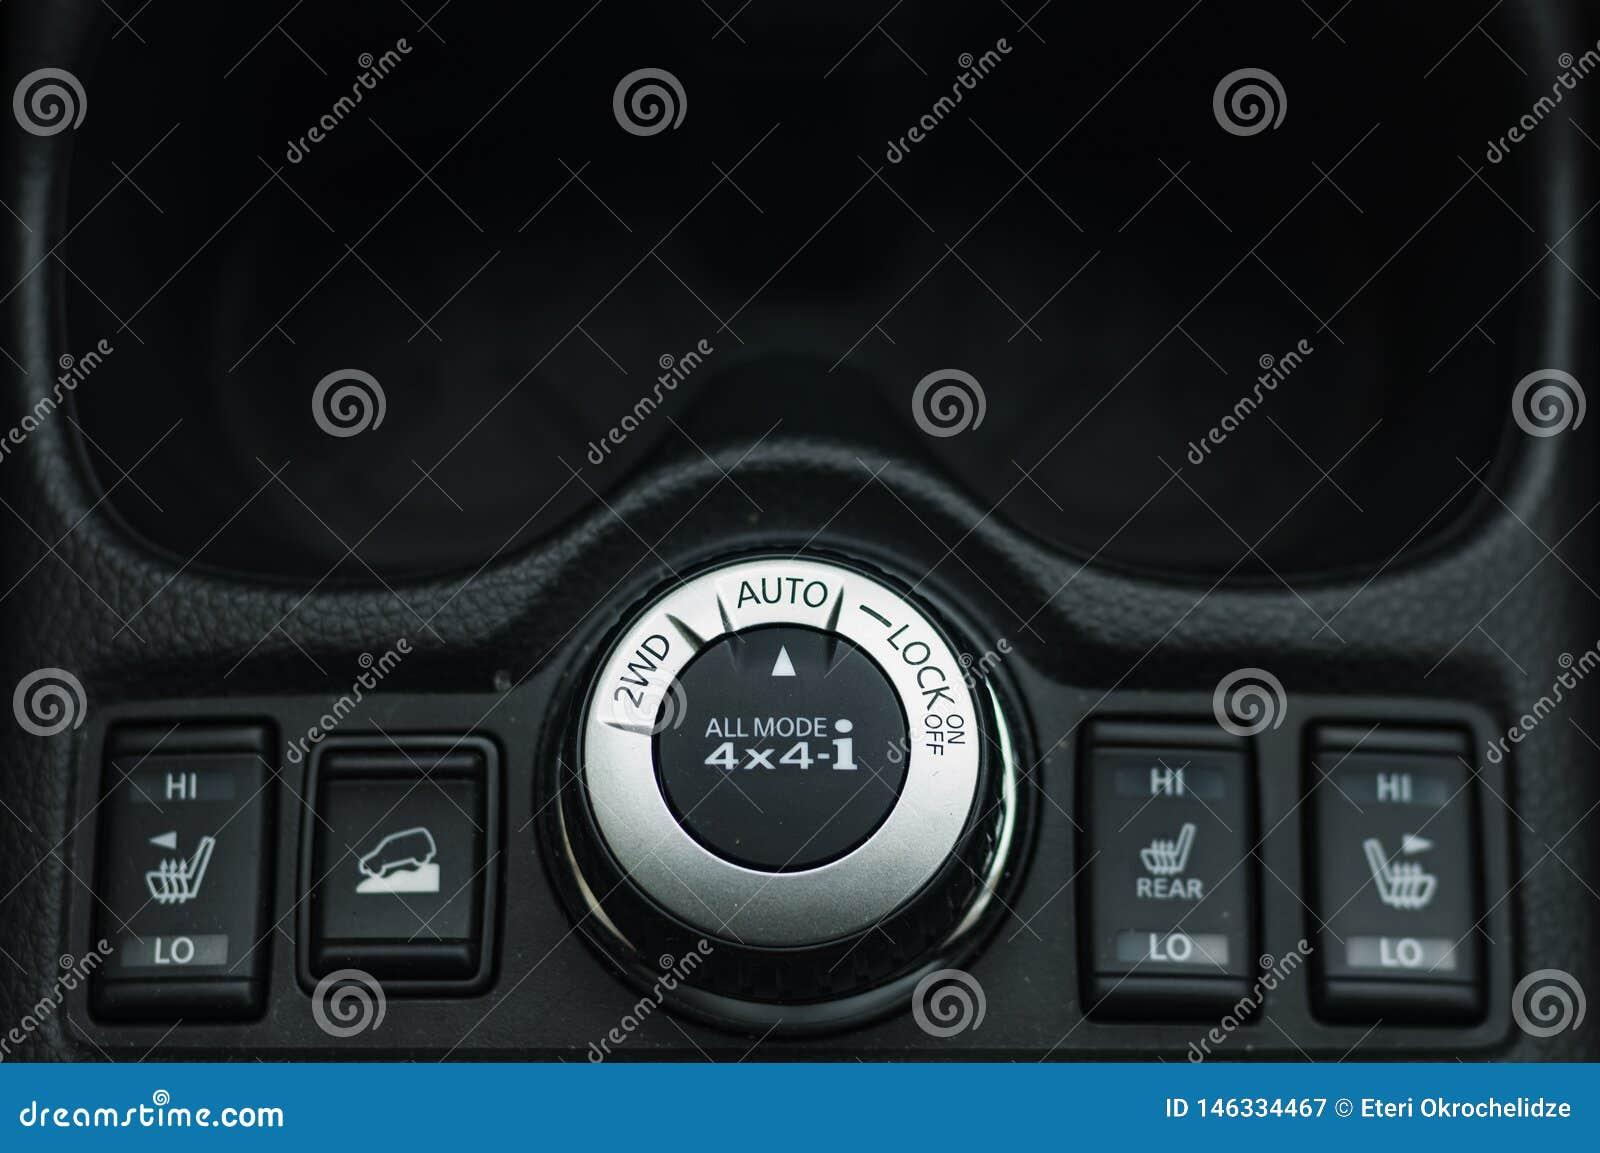 Kn?pfen Sie Schaltersteuerung f?r Auto mit Weichzeichnung und ?ber Licht im Hintergrund KNOPF-SCHALTER DES SELBSTverschluss-2WD